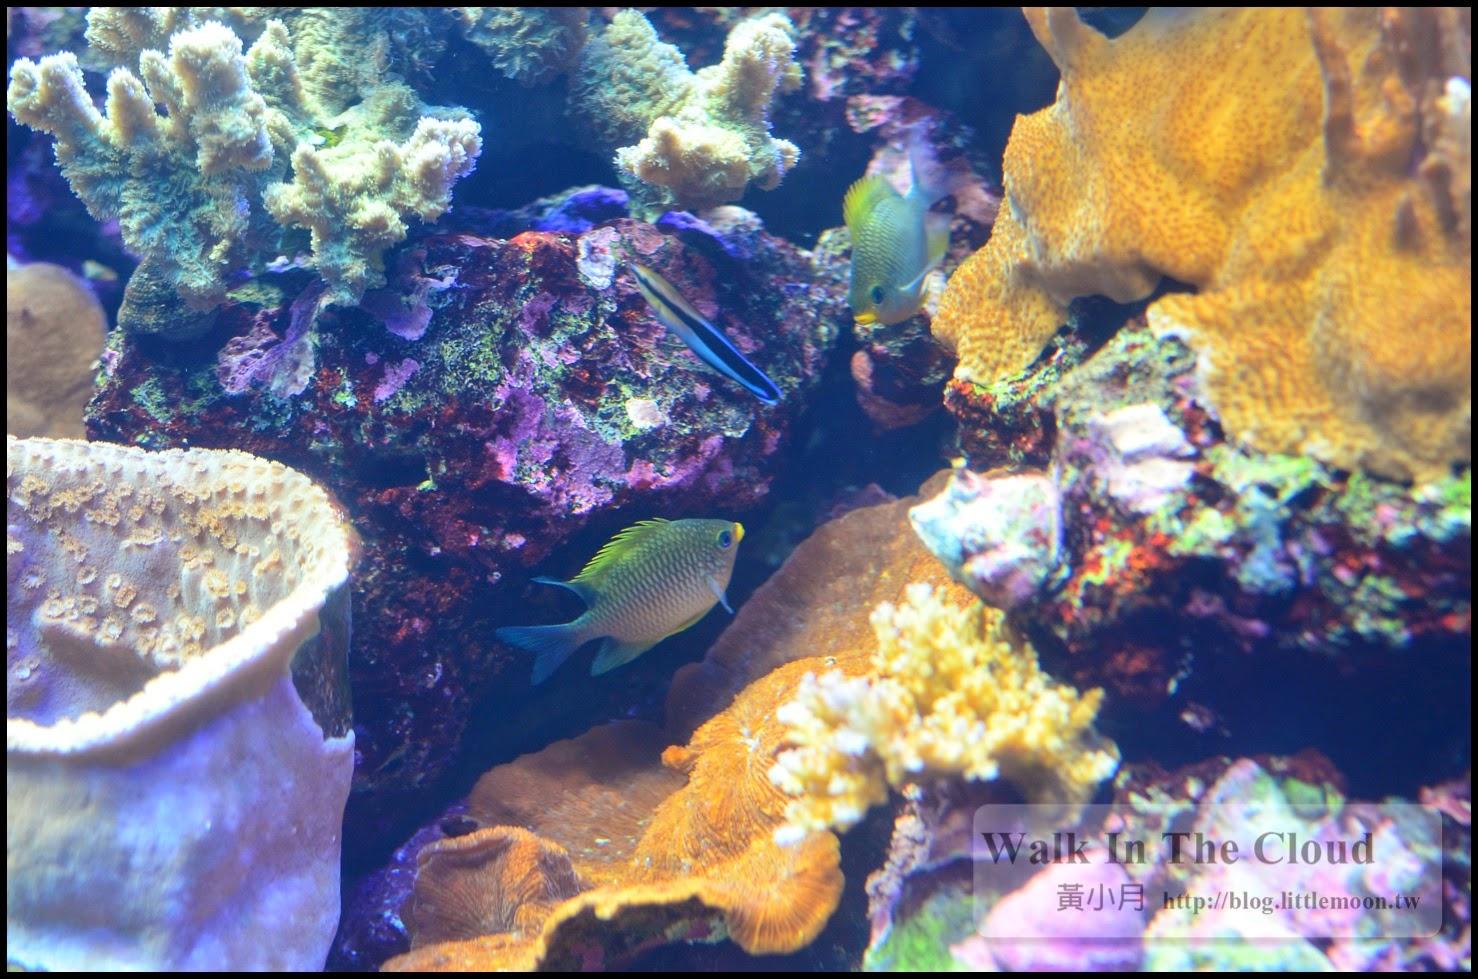 漂亮的珊瑚與海中生物